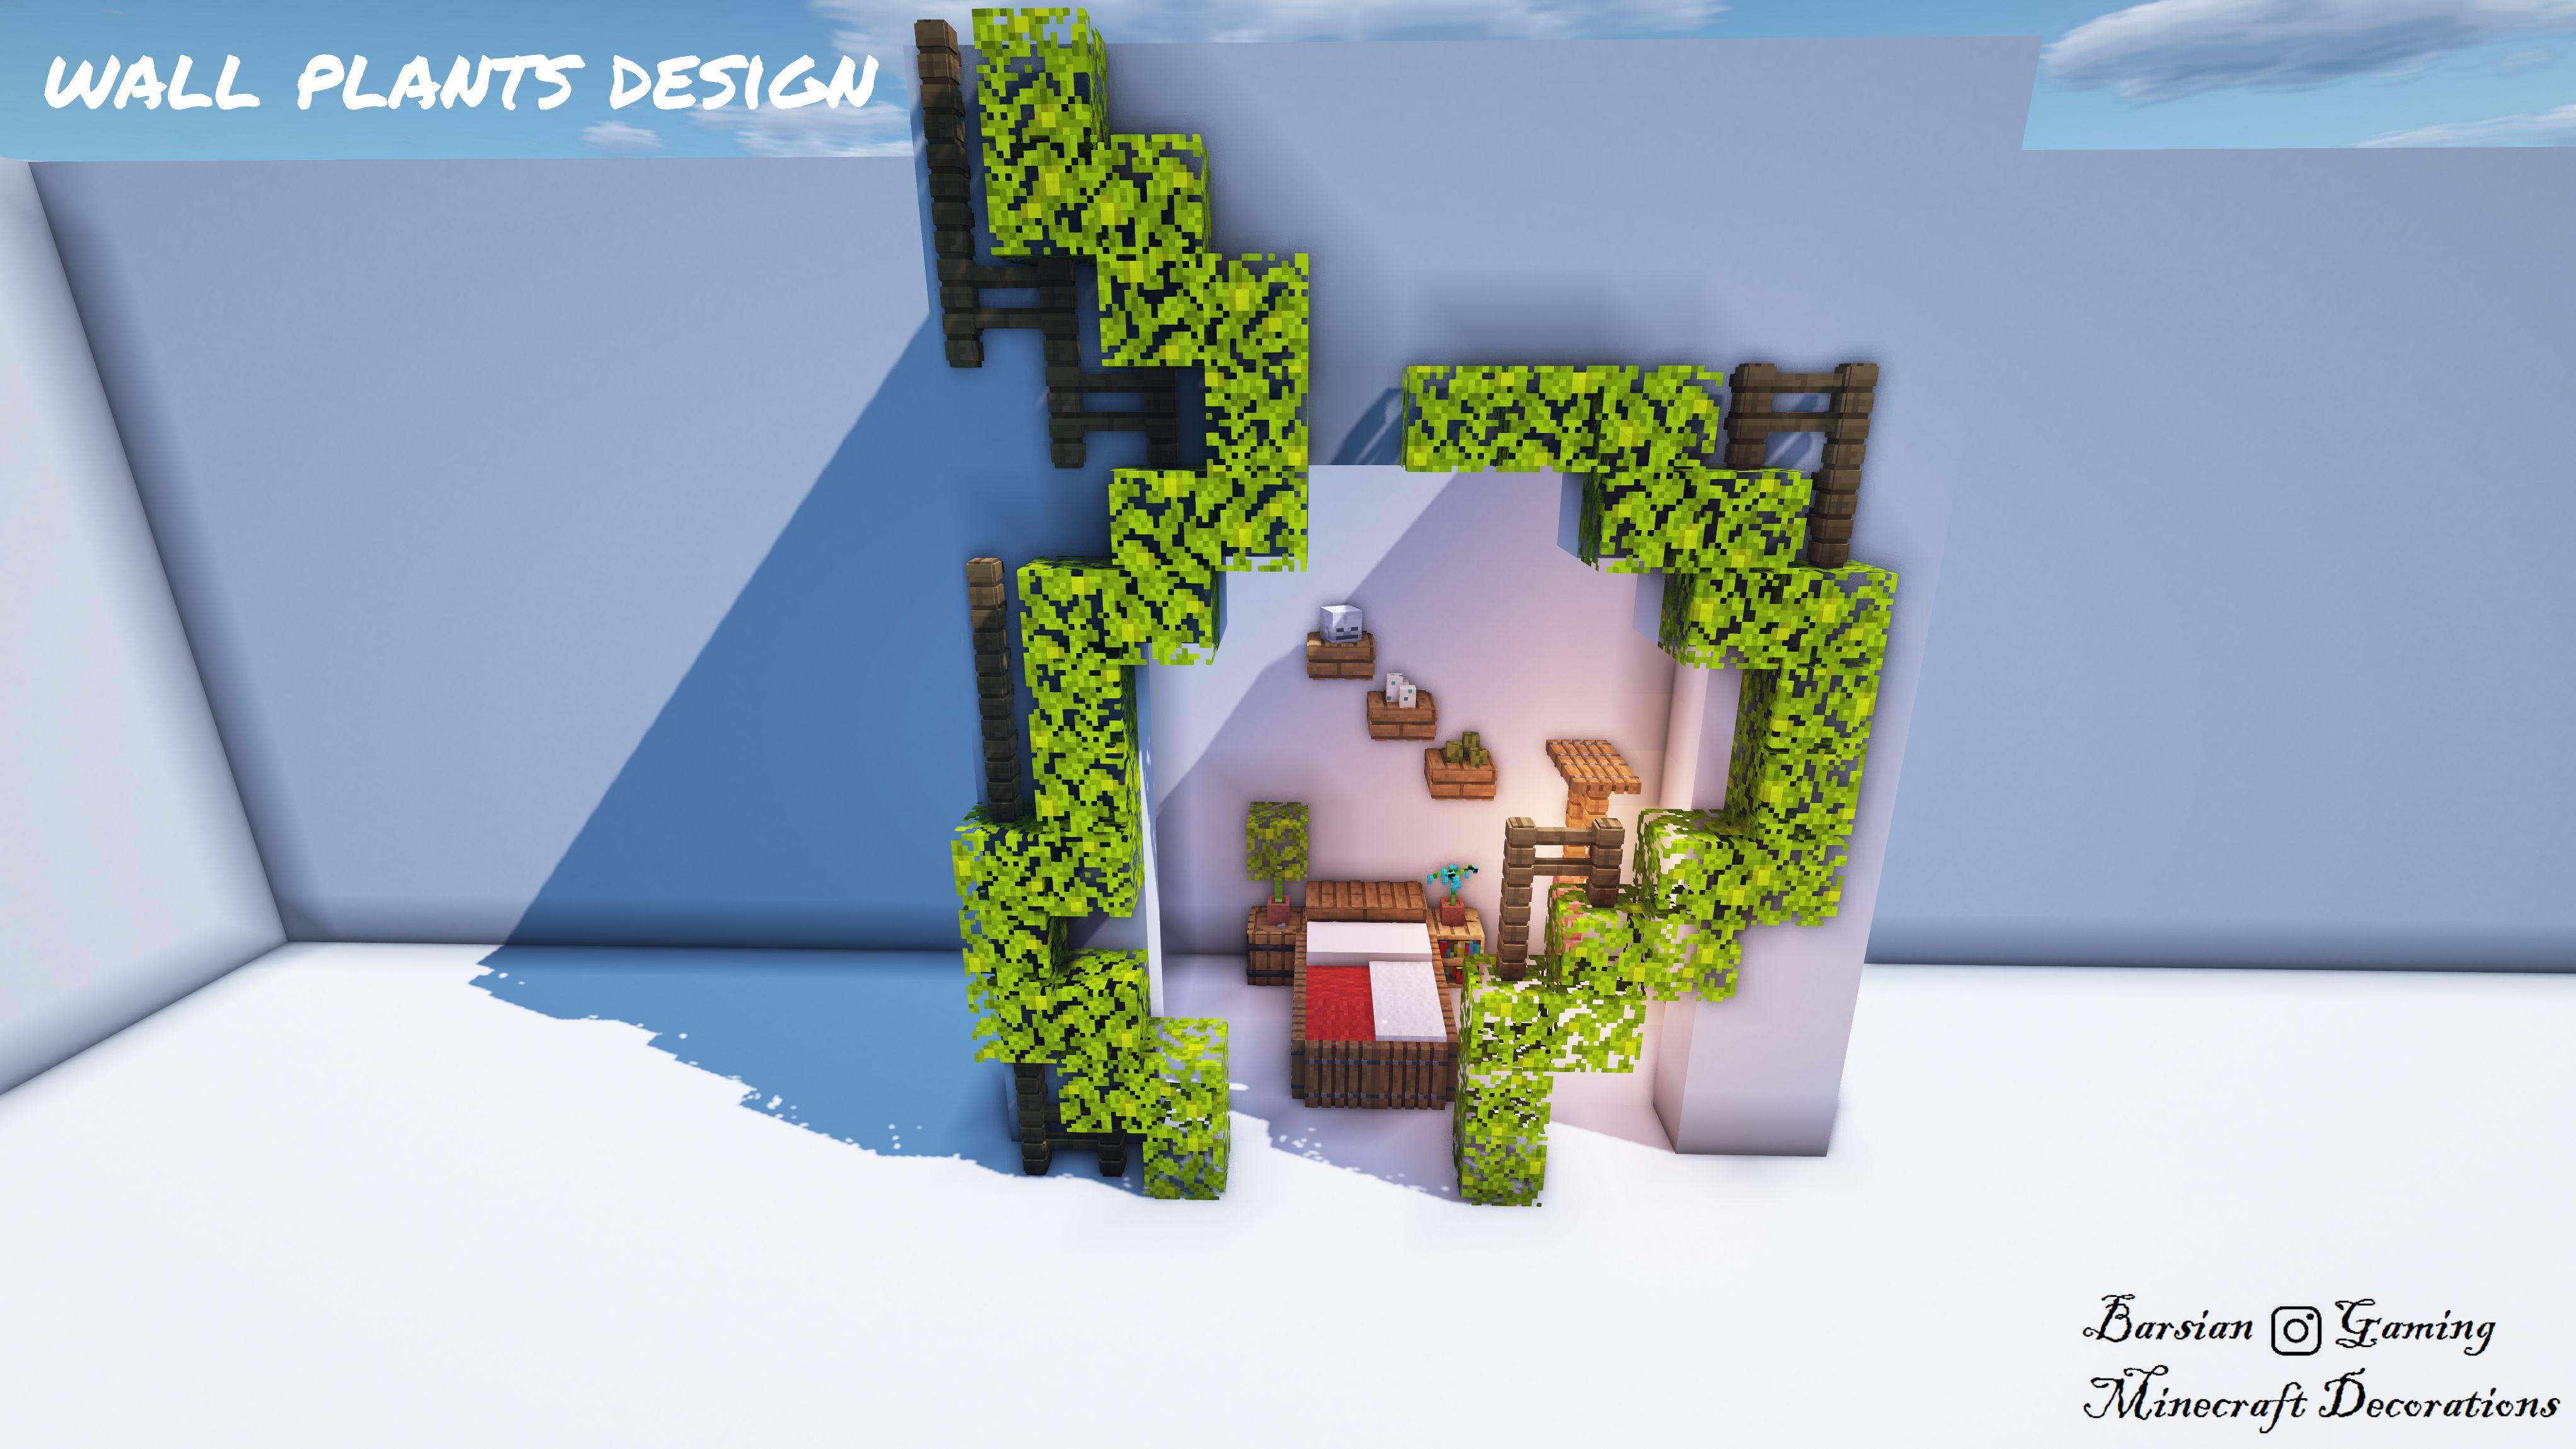 Wall Plants Design Minecraft Designs Minecraft Decorations Minecraft Crafts